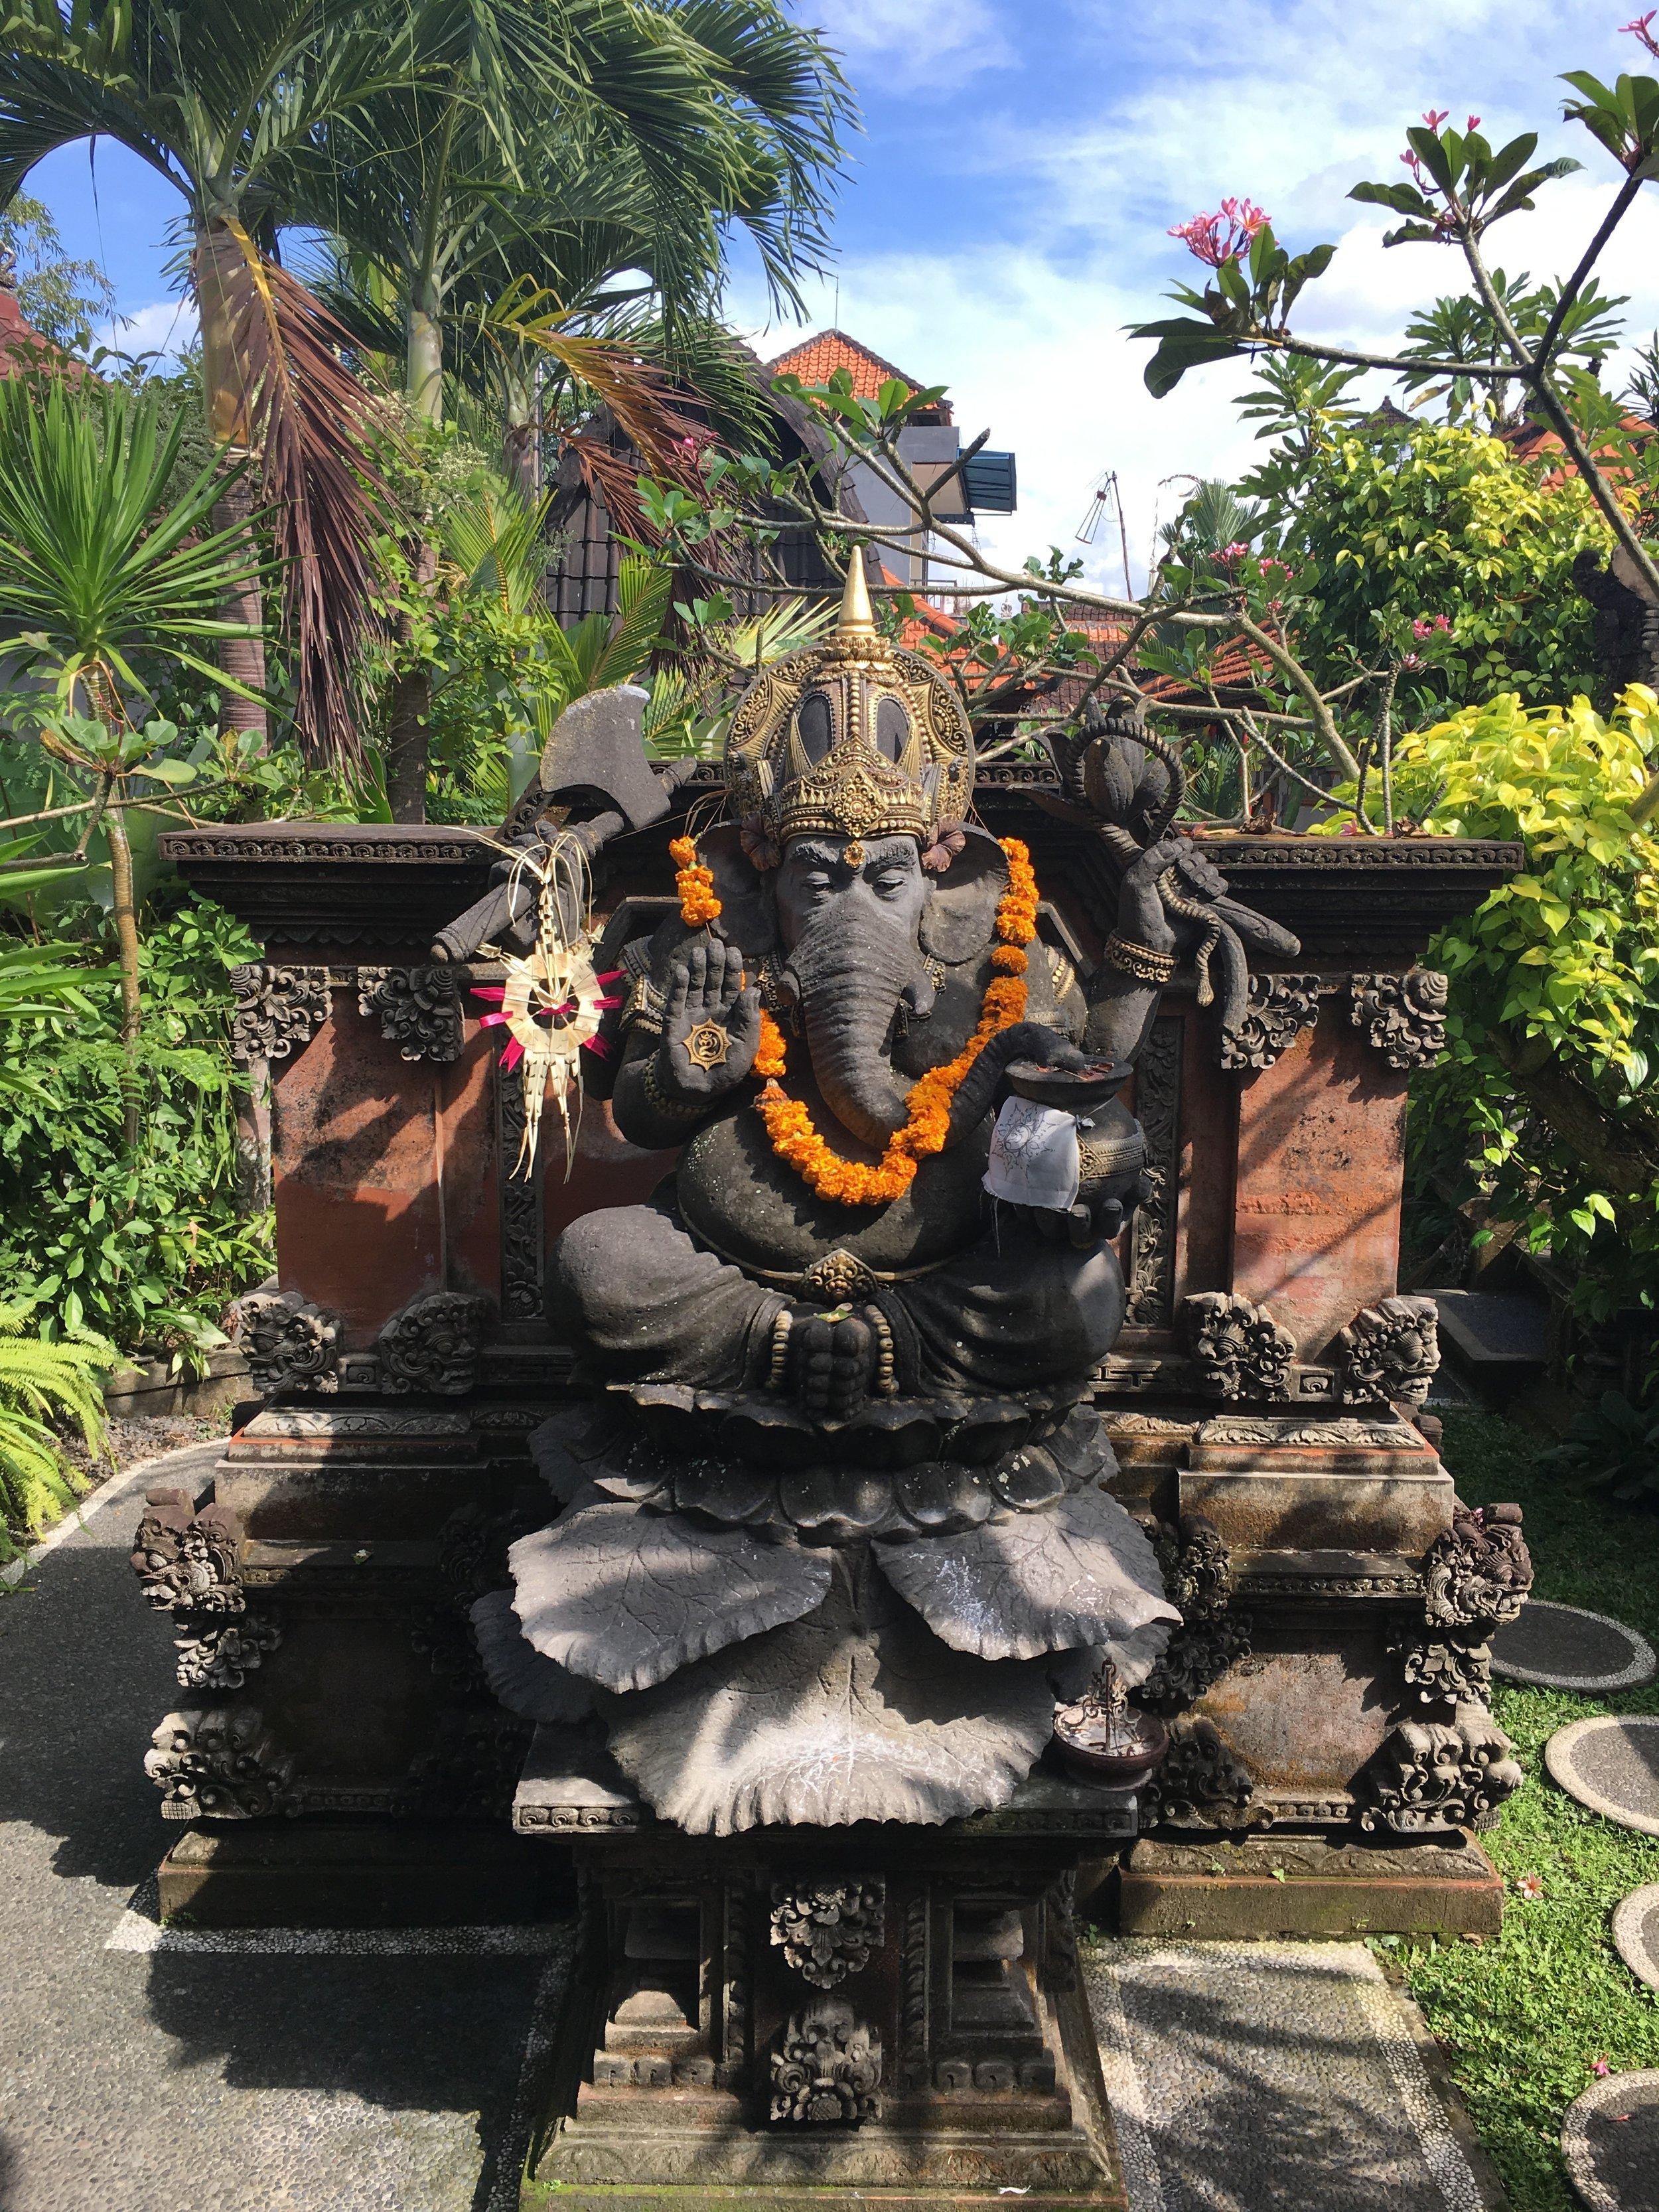 Weekly Travel Highlight: Ganesha in Ubud, Bali